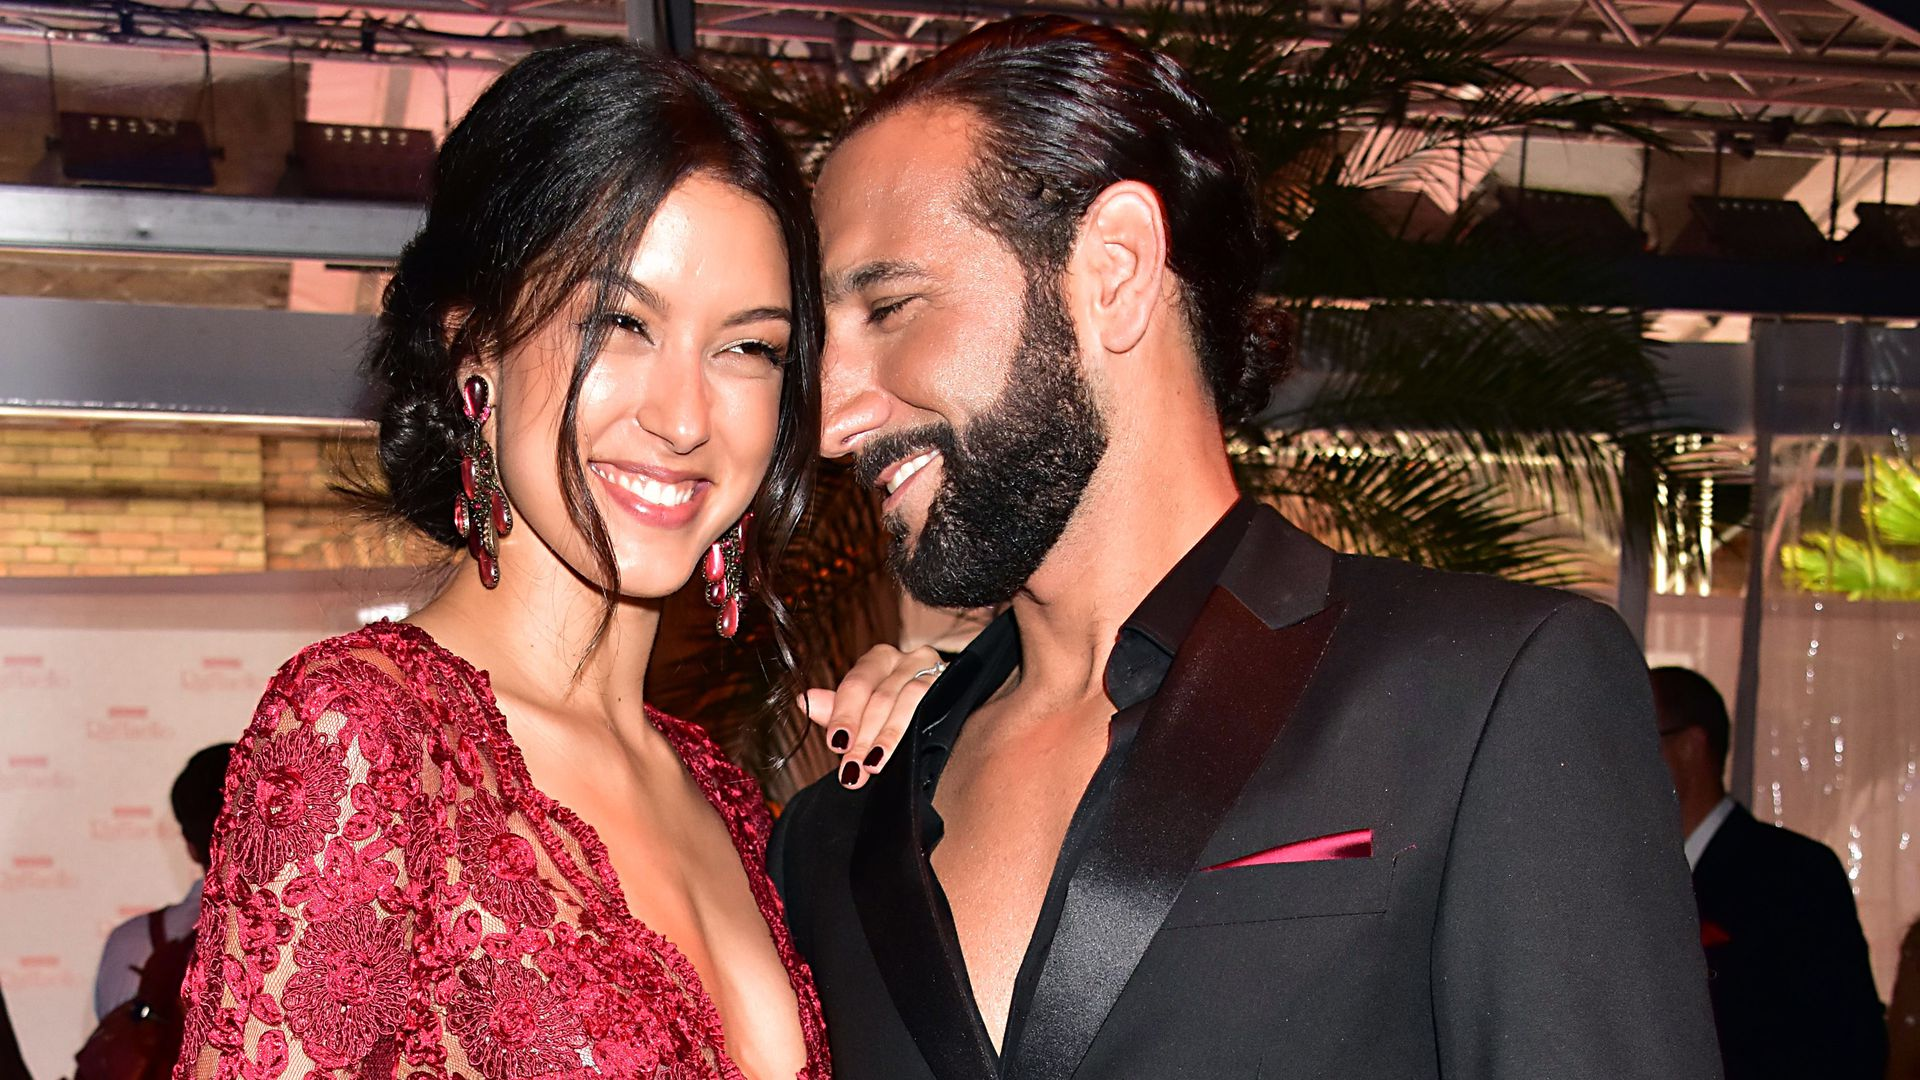 Rebecca Und Massimo